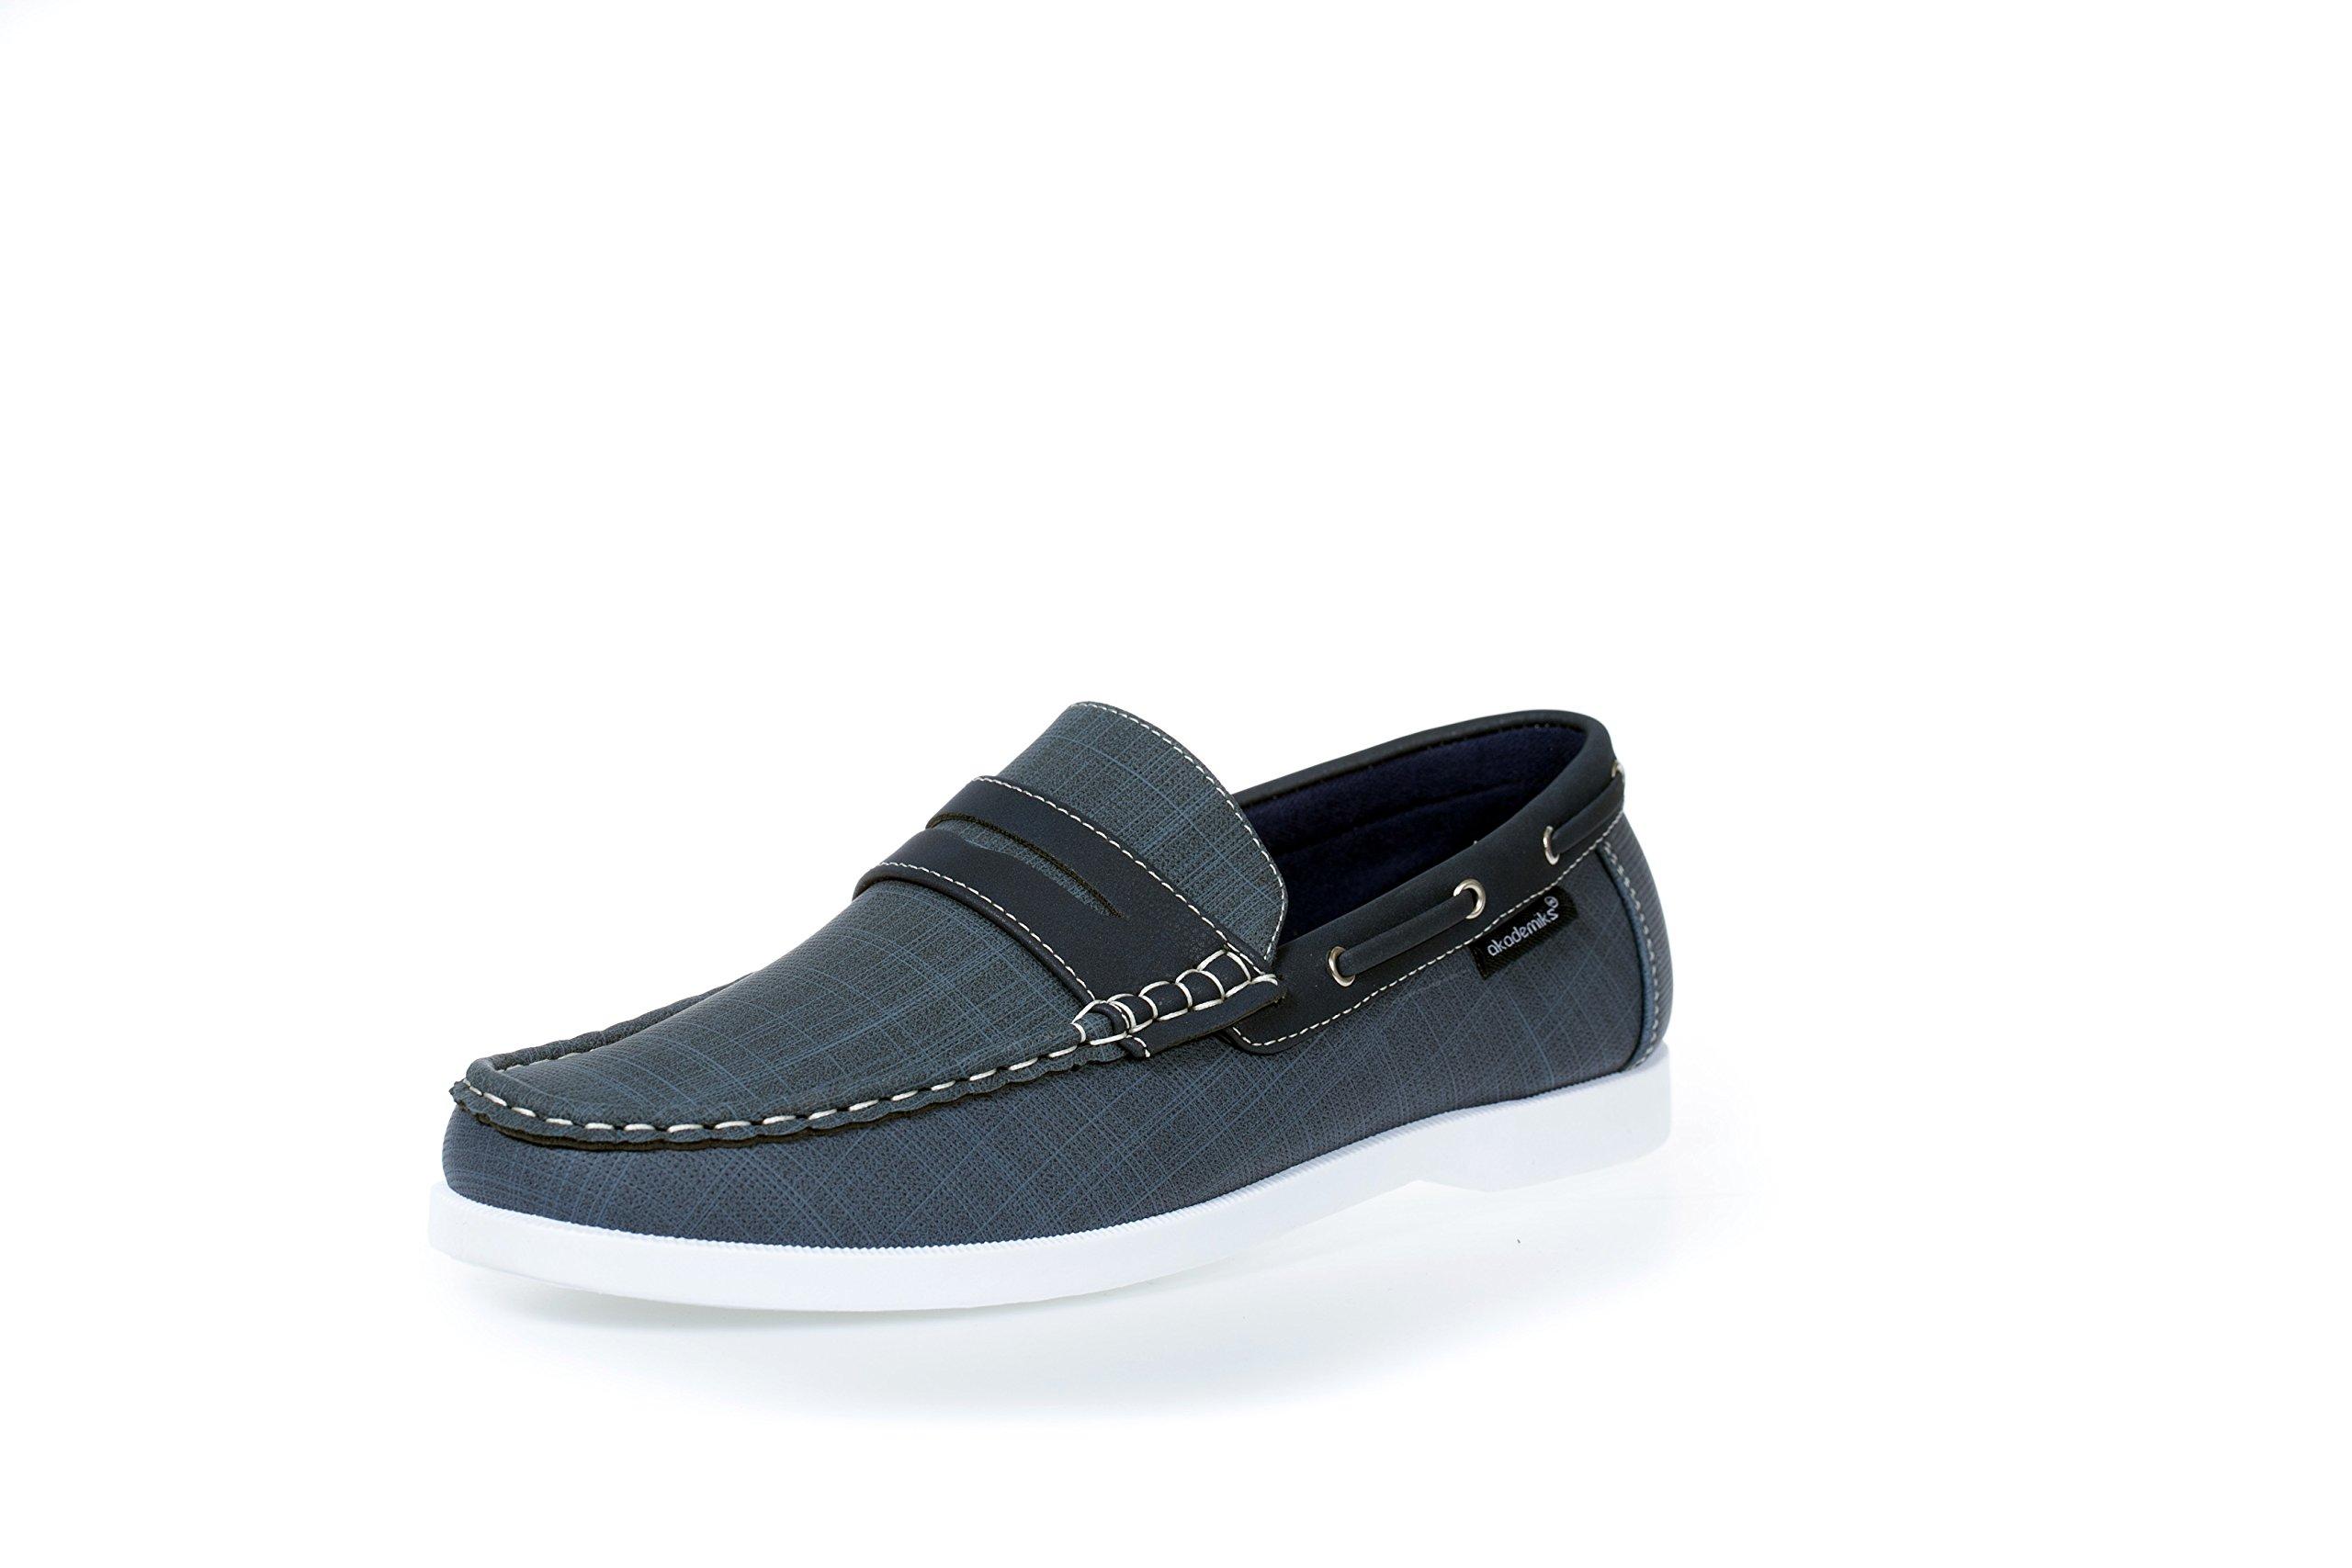 Akademiks Mens Comfort Penny Slip-On Boat Shoe